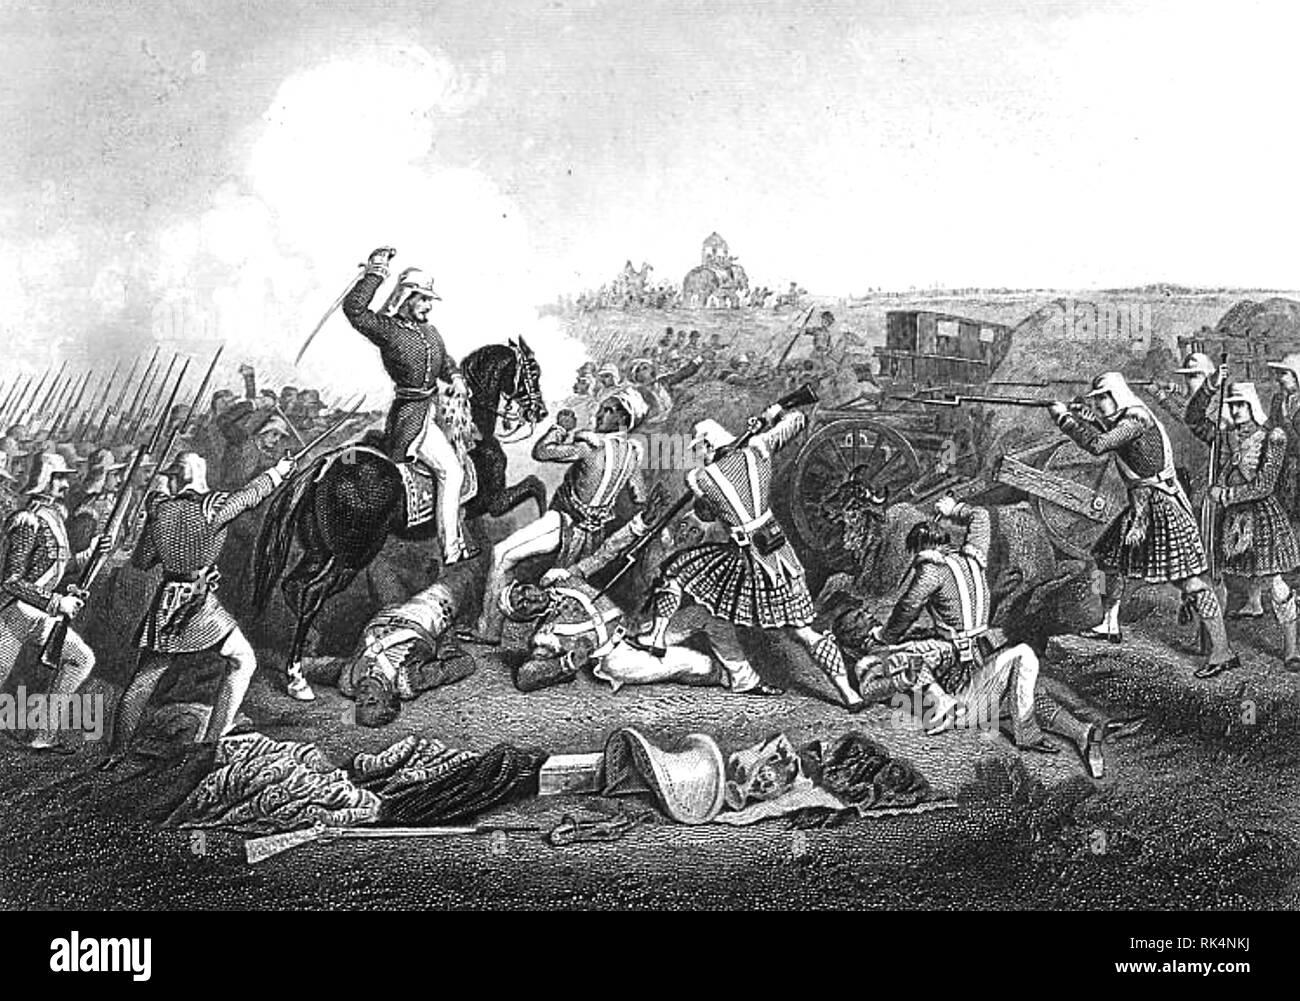 HENRY HAVELOCK (1795-1857) Général de l'armée britannique. Ses forces s'attaquer à ceux de Nana Sahib à Futtyporer (indienne Fatehpur) en 1857 pendant la Rébellion indienne. Banque D'Images